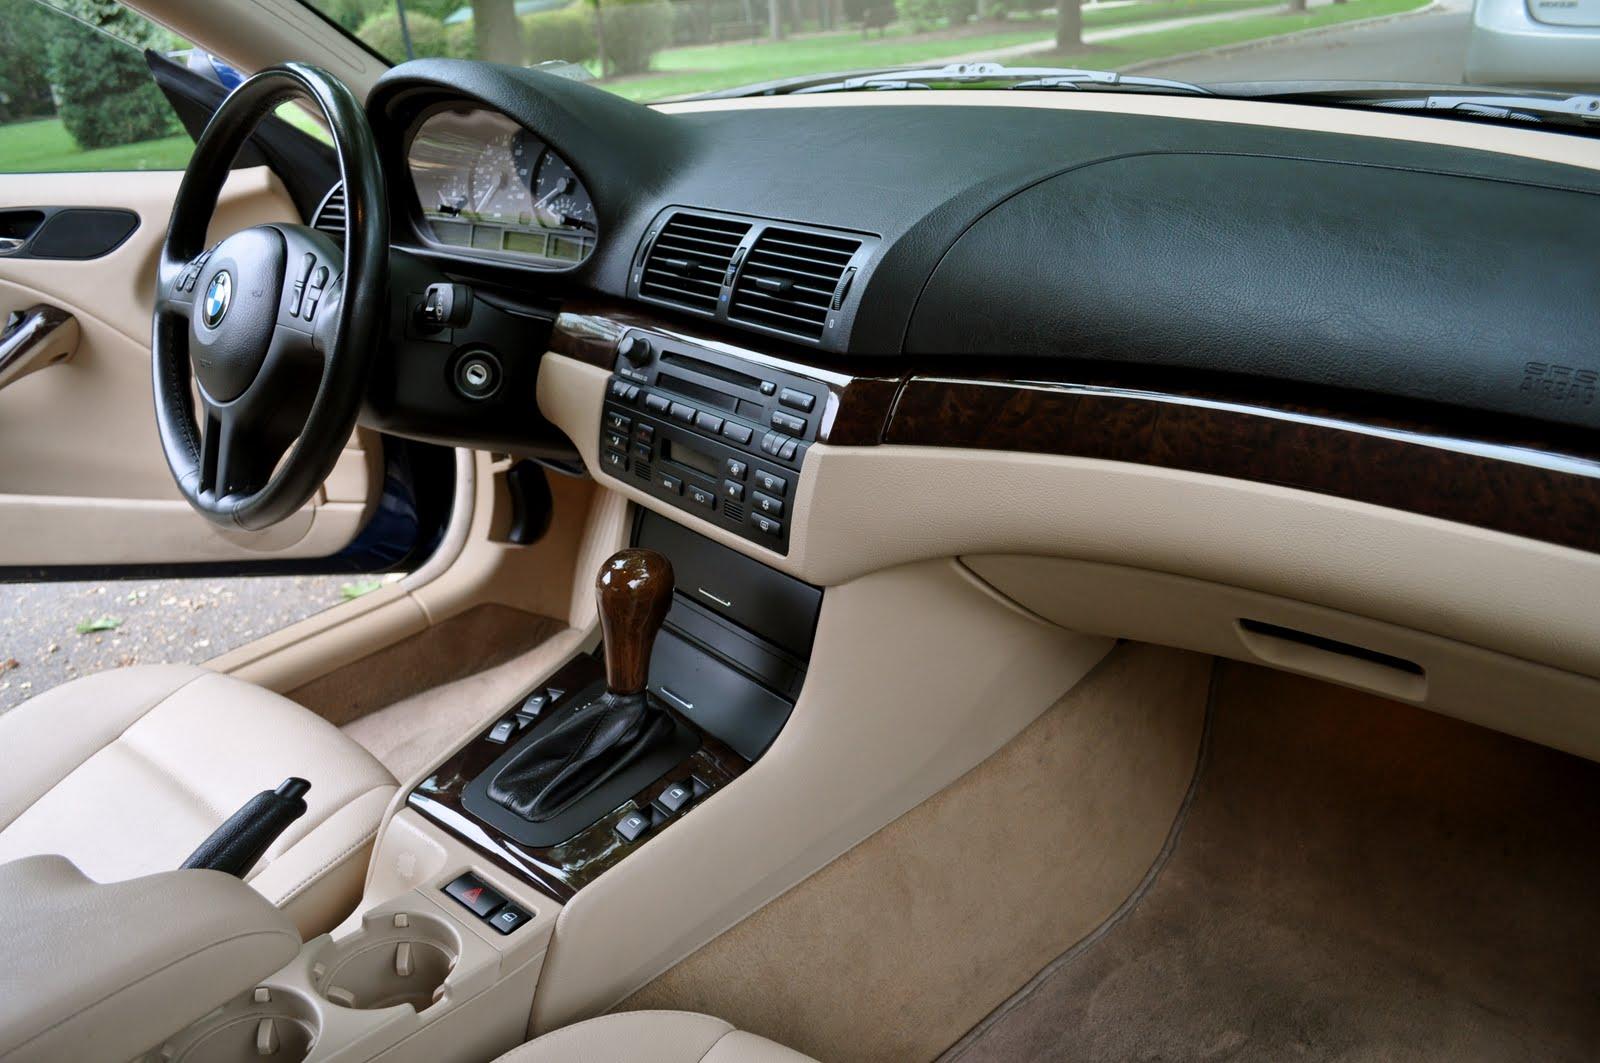 Bmw 325i For Sale >> 2004 BMW 325Ci